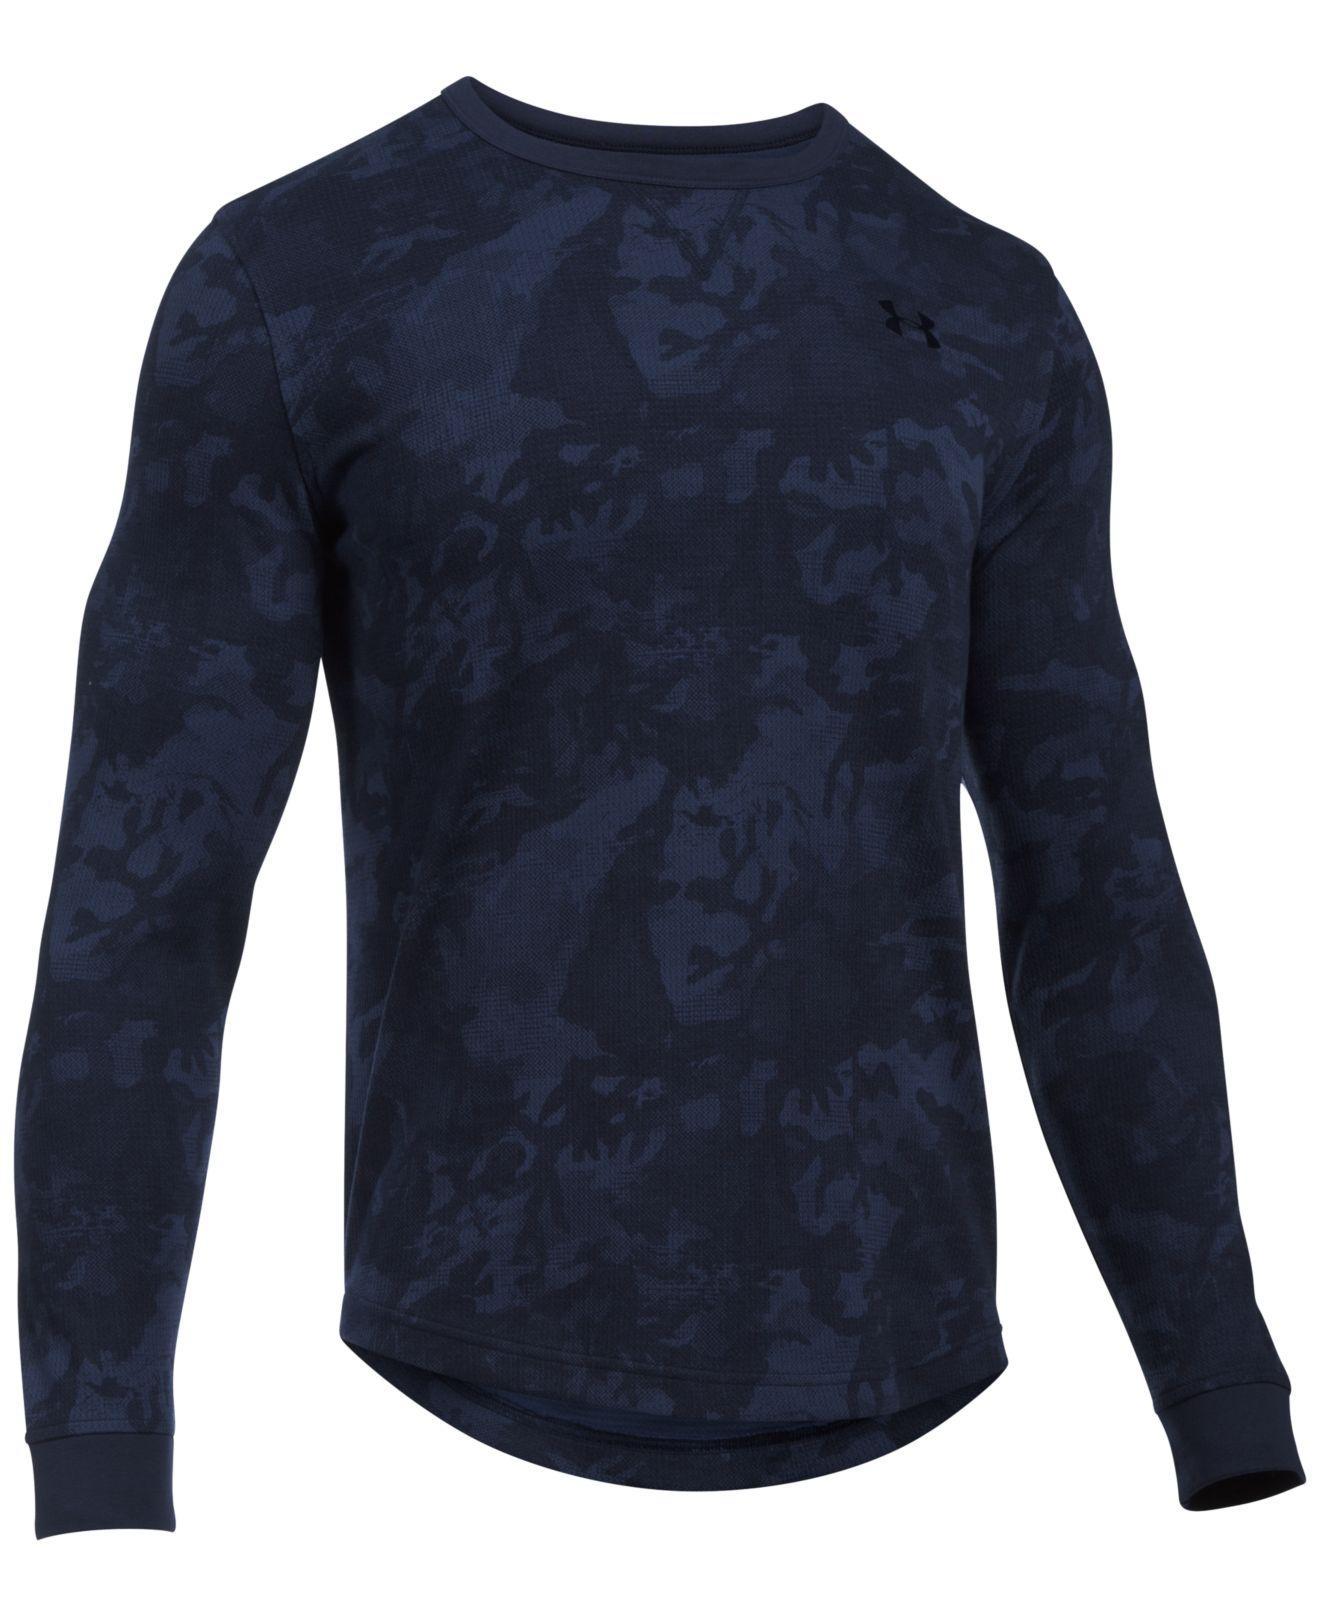 Oakley Mens T Shirts